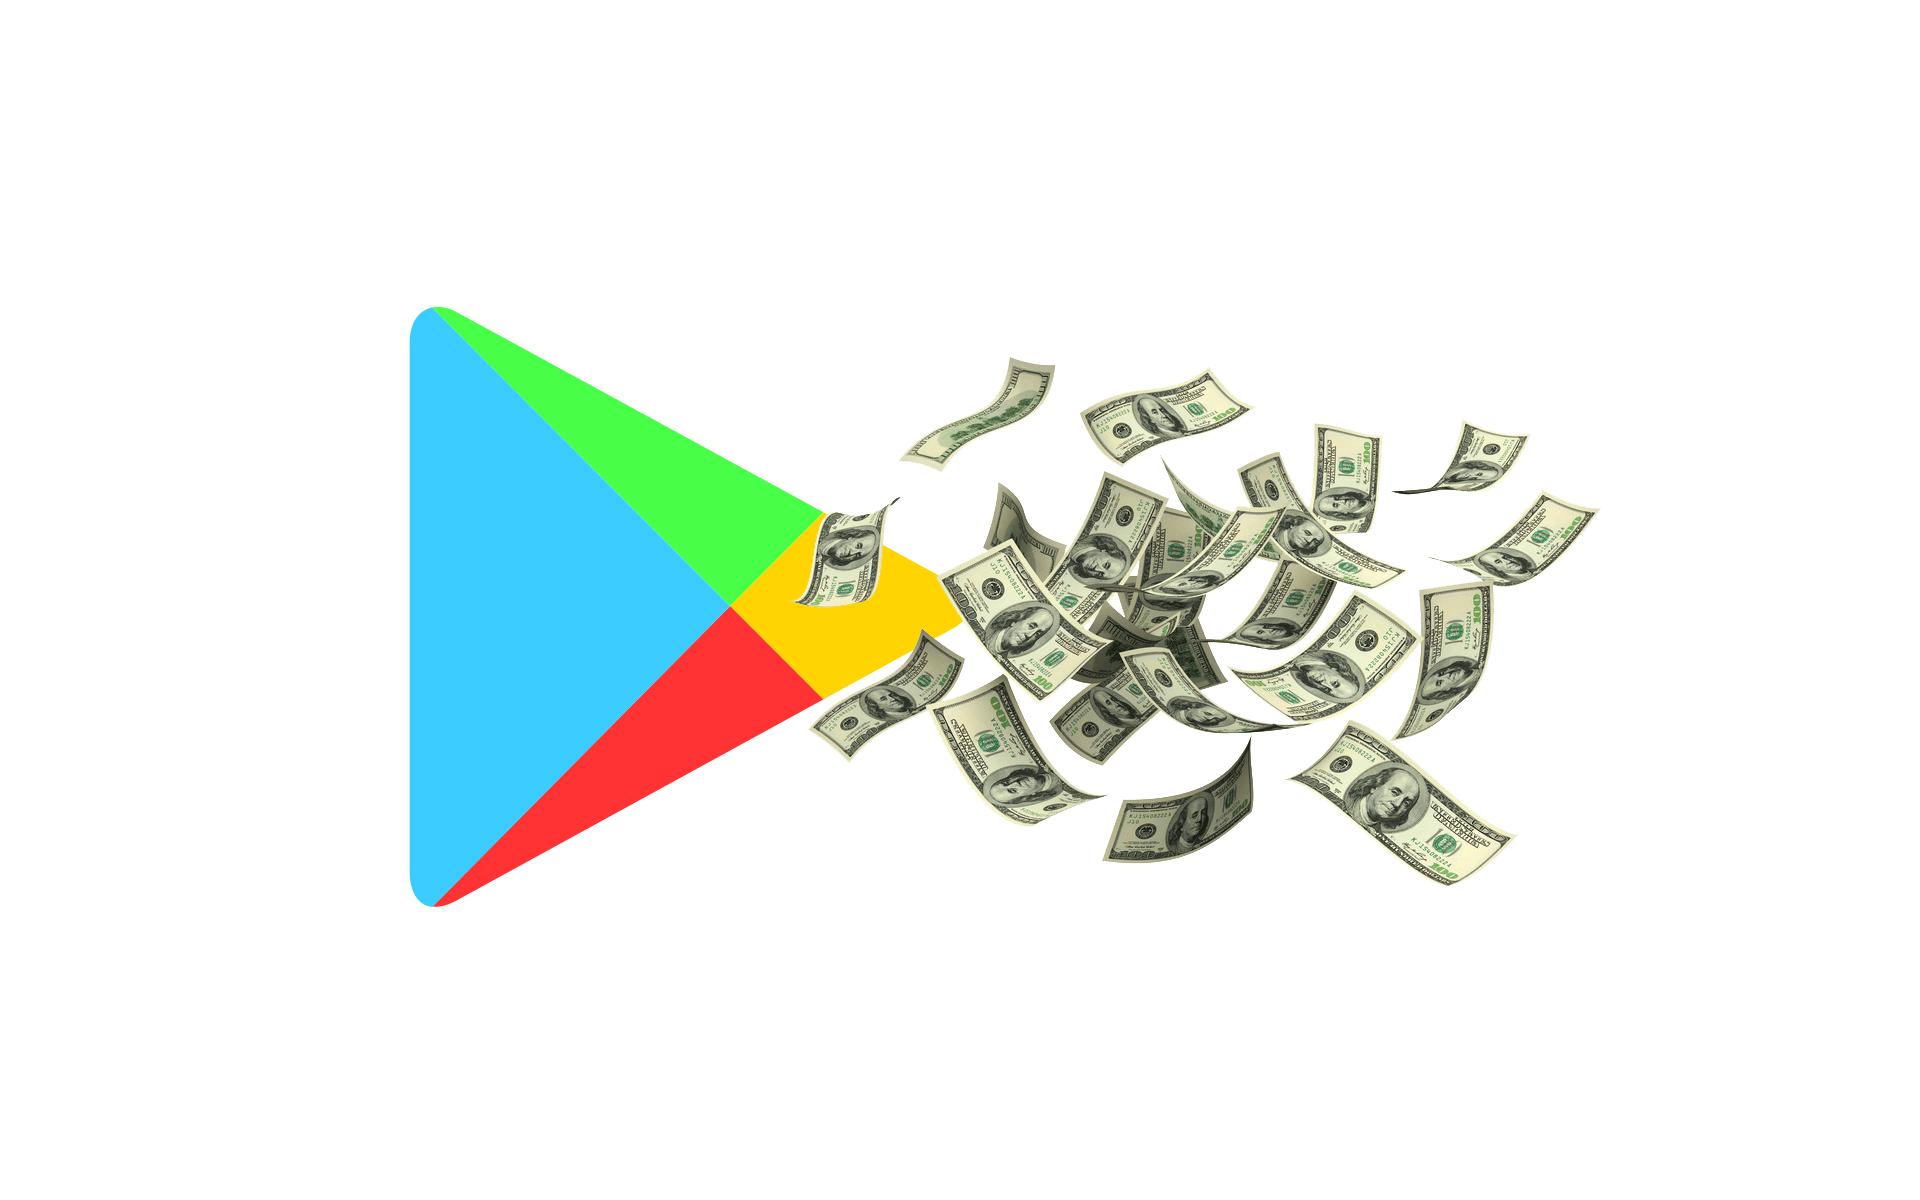 Obchod Play nabízí možnost nastavení měsíčního rozpočtu